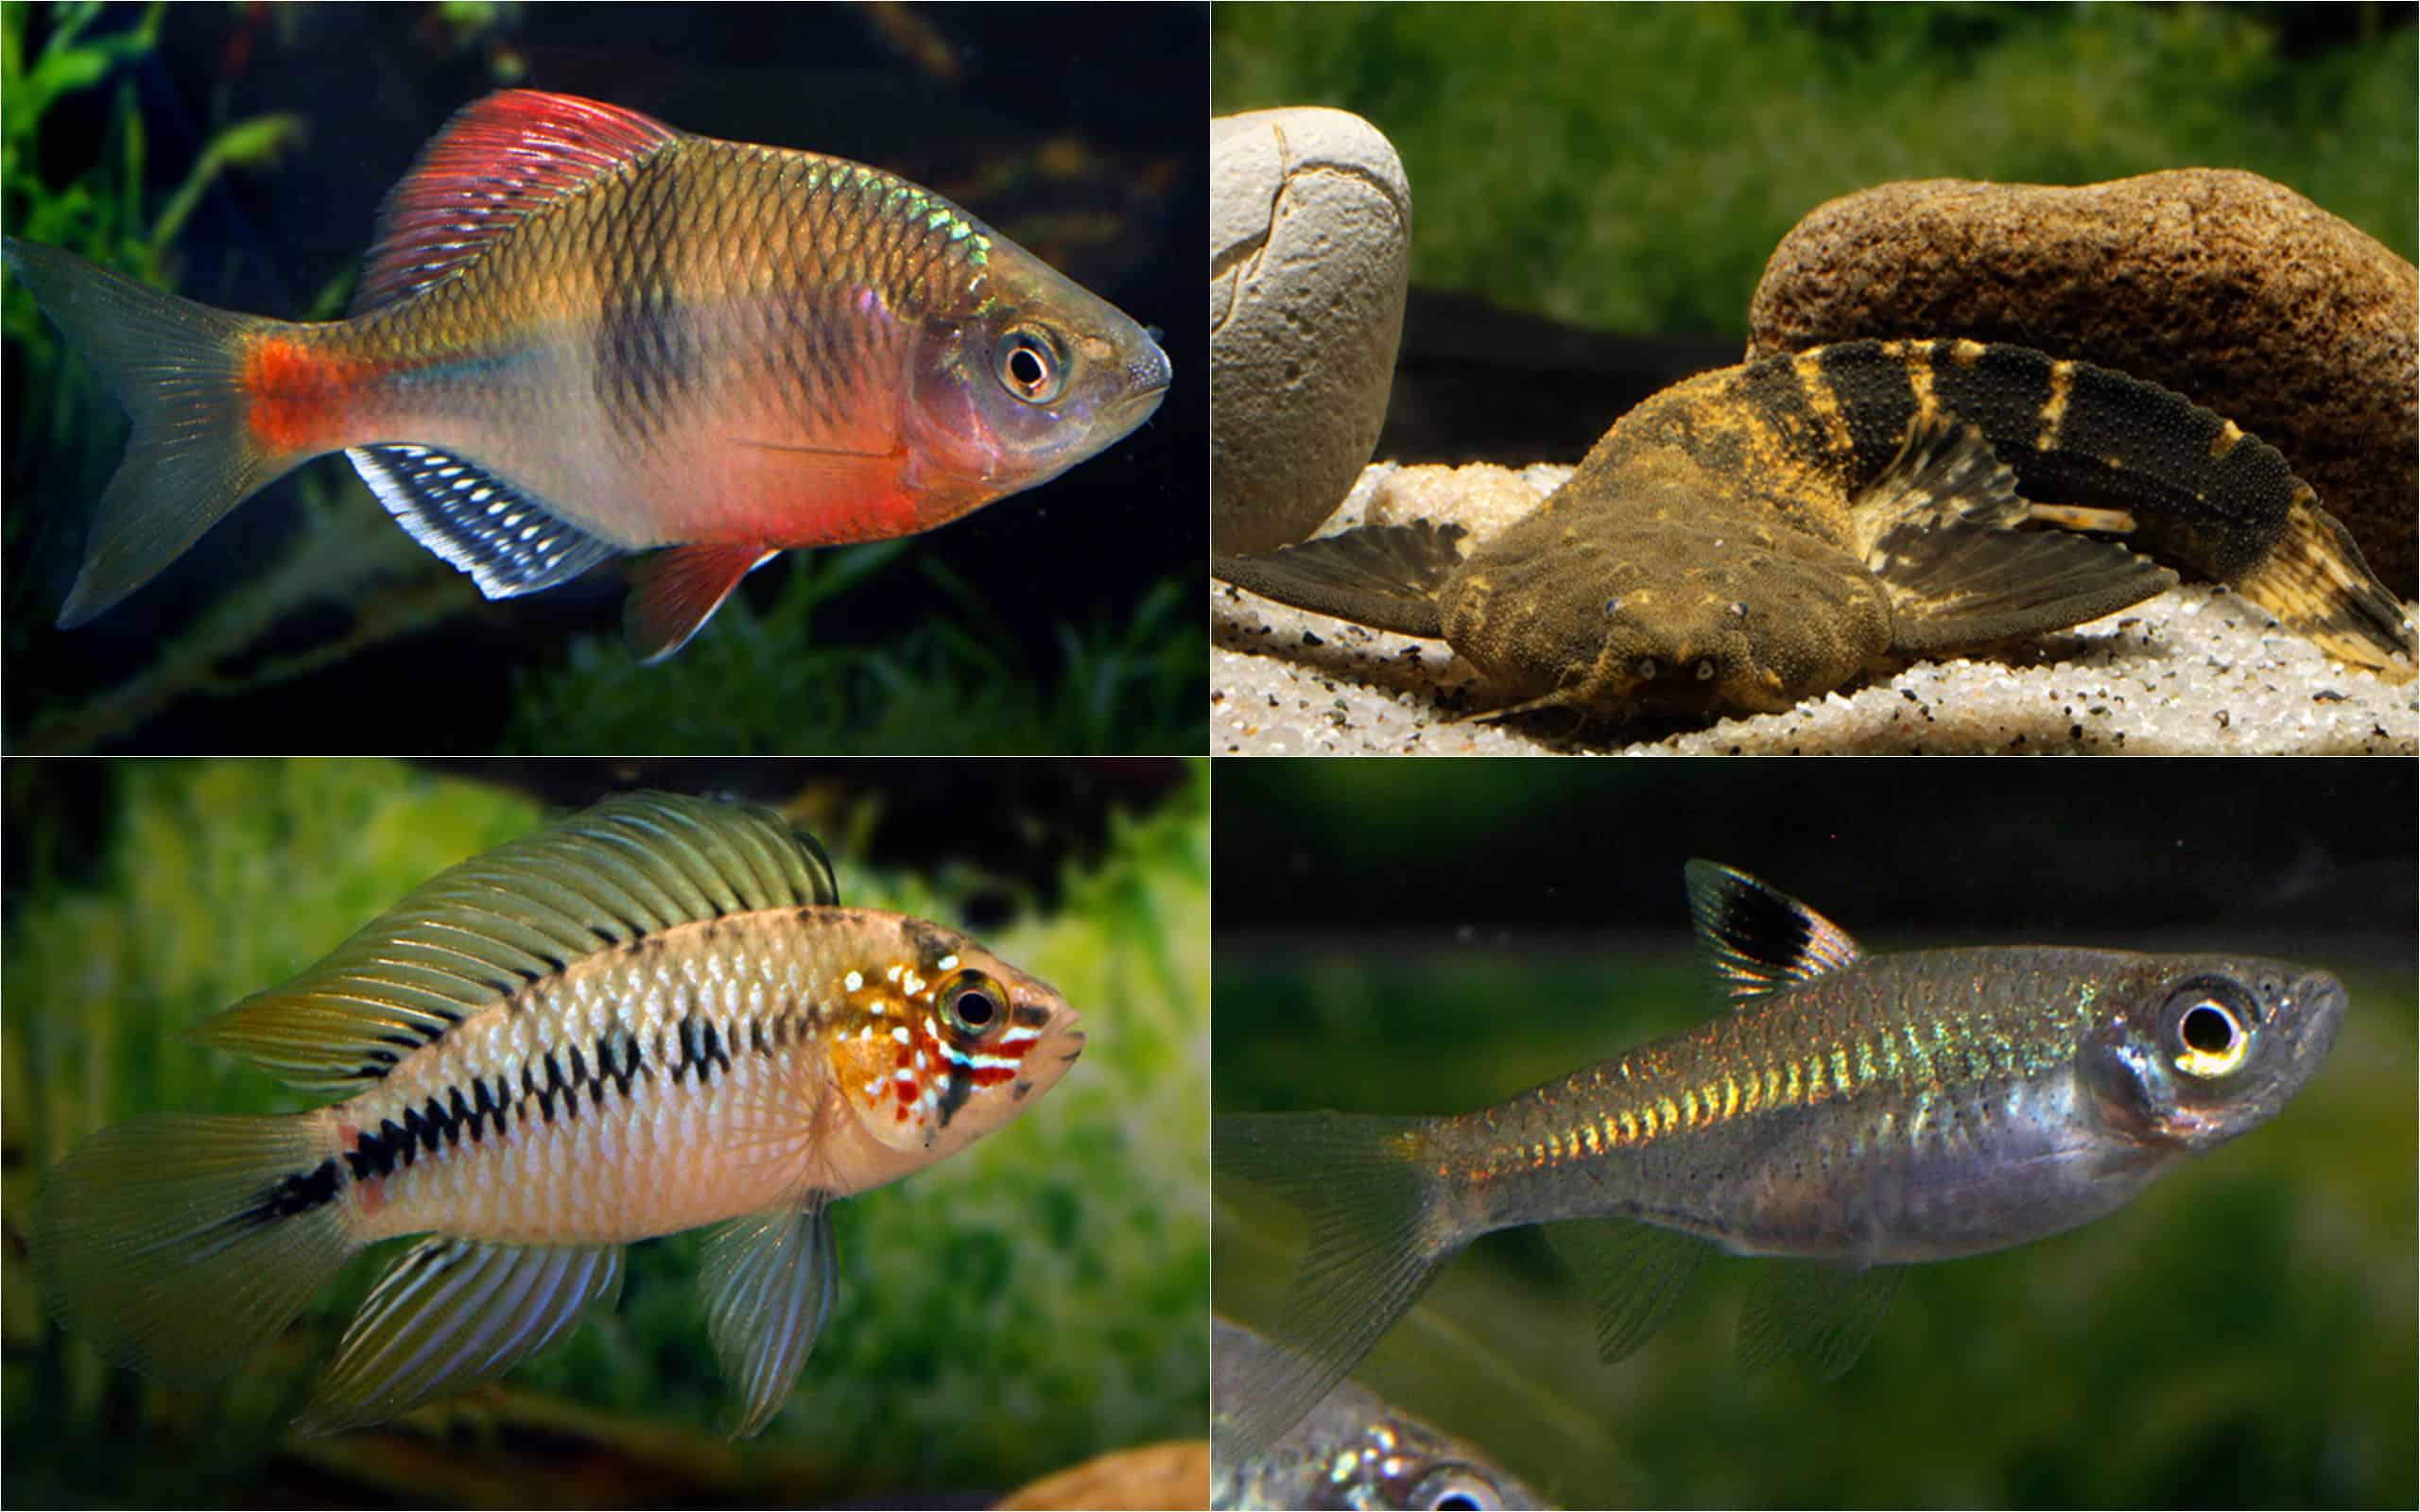 Quelle: Frank Schäfer - Aquarium Glaser